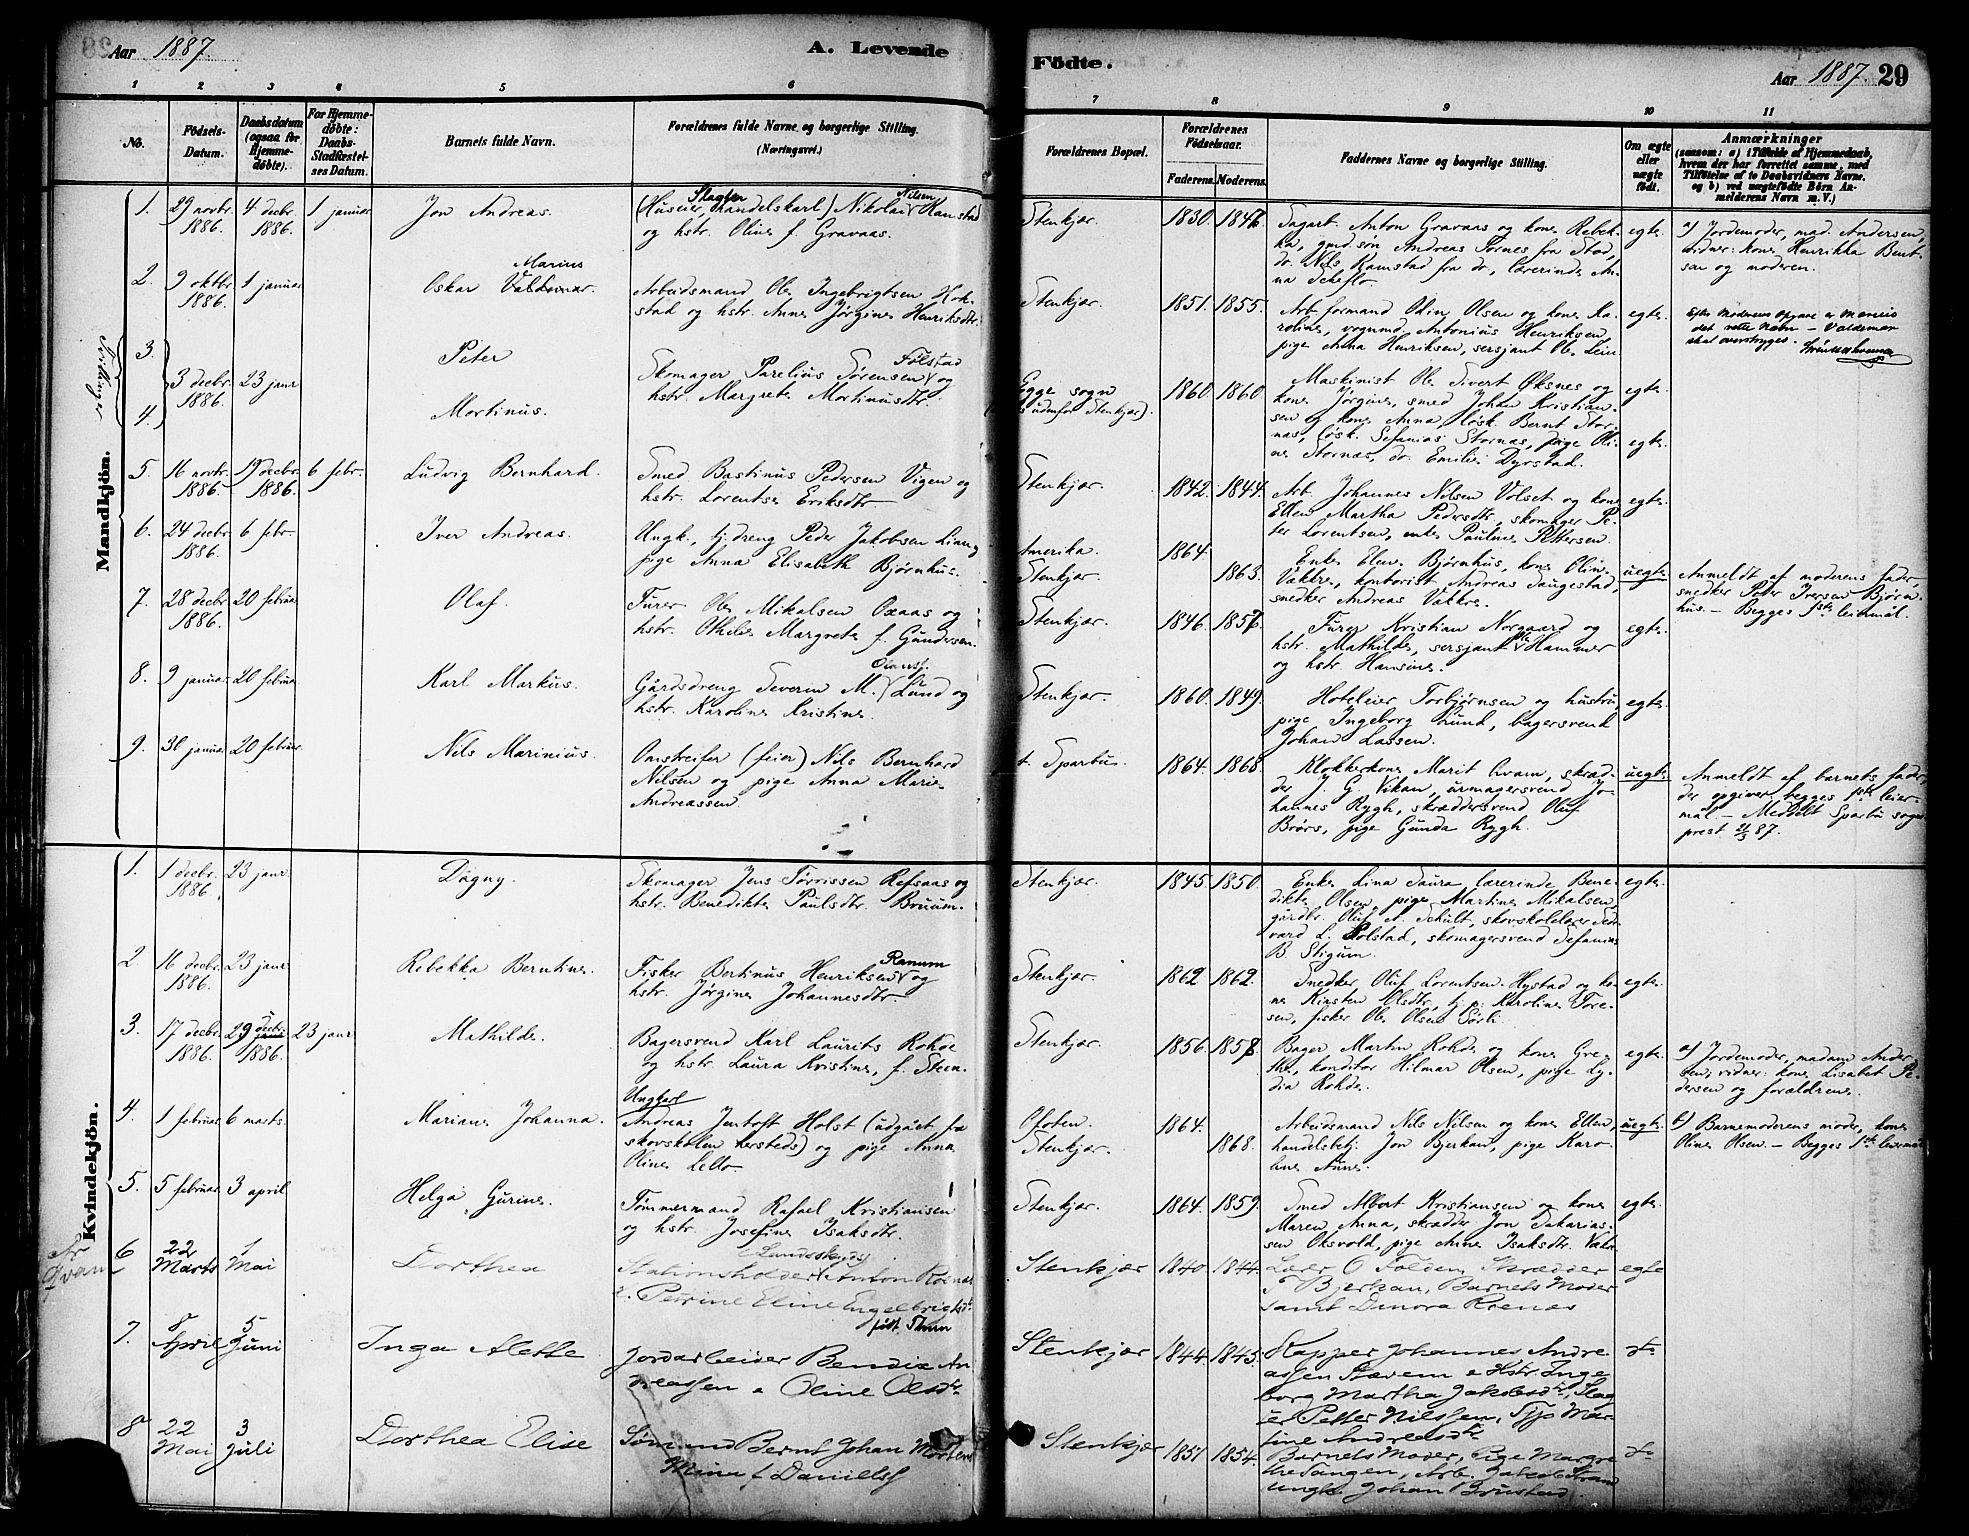 SAT, Ministerialprotokoller, klokkerbøker og fødselsregistre - Nord-Trøndelag, 739/L0371: Ministerialbok nr. 739A03, 1881-1895, s. 29